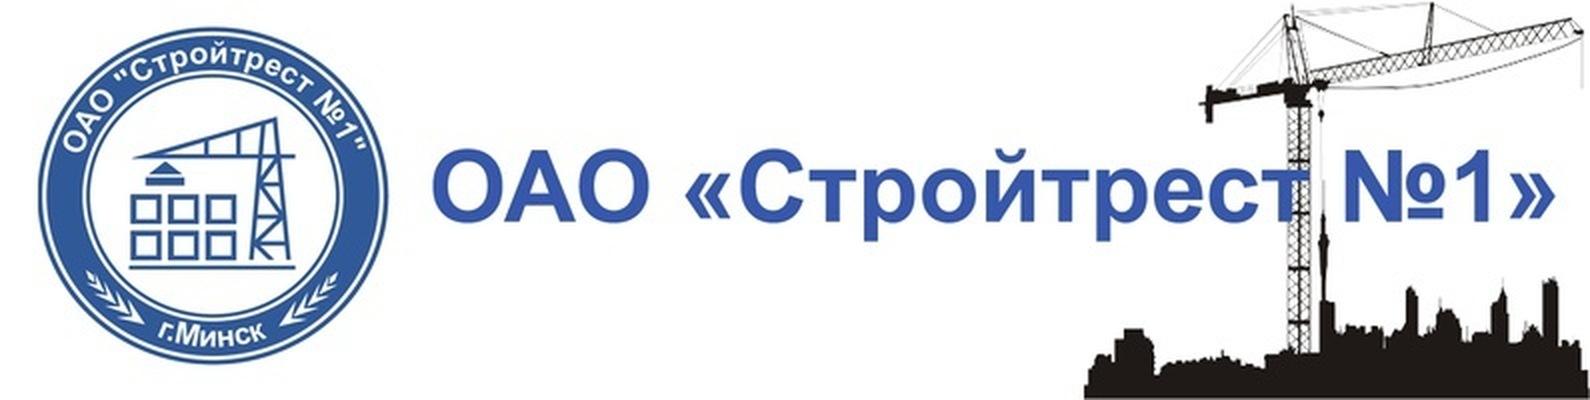 ОАО Стройтрест №1